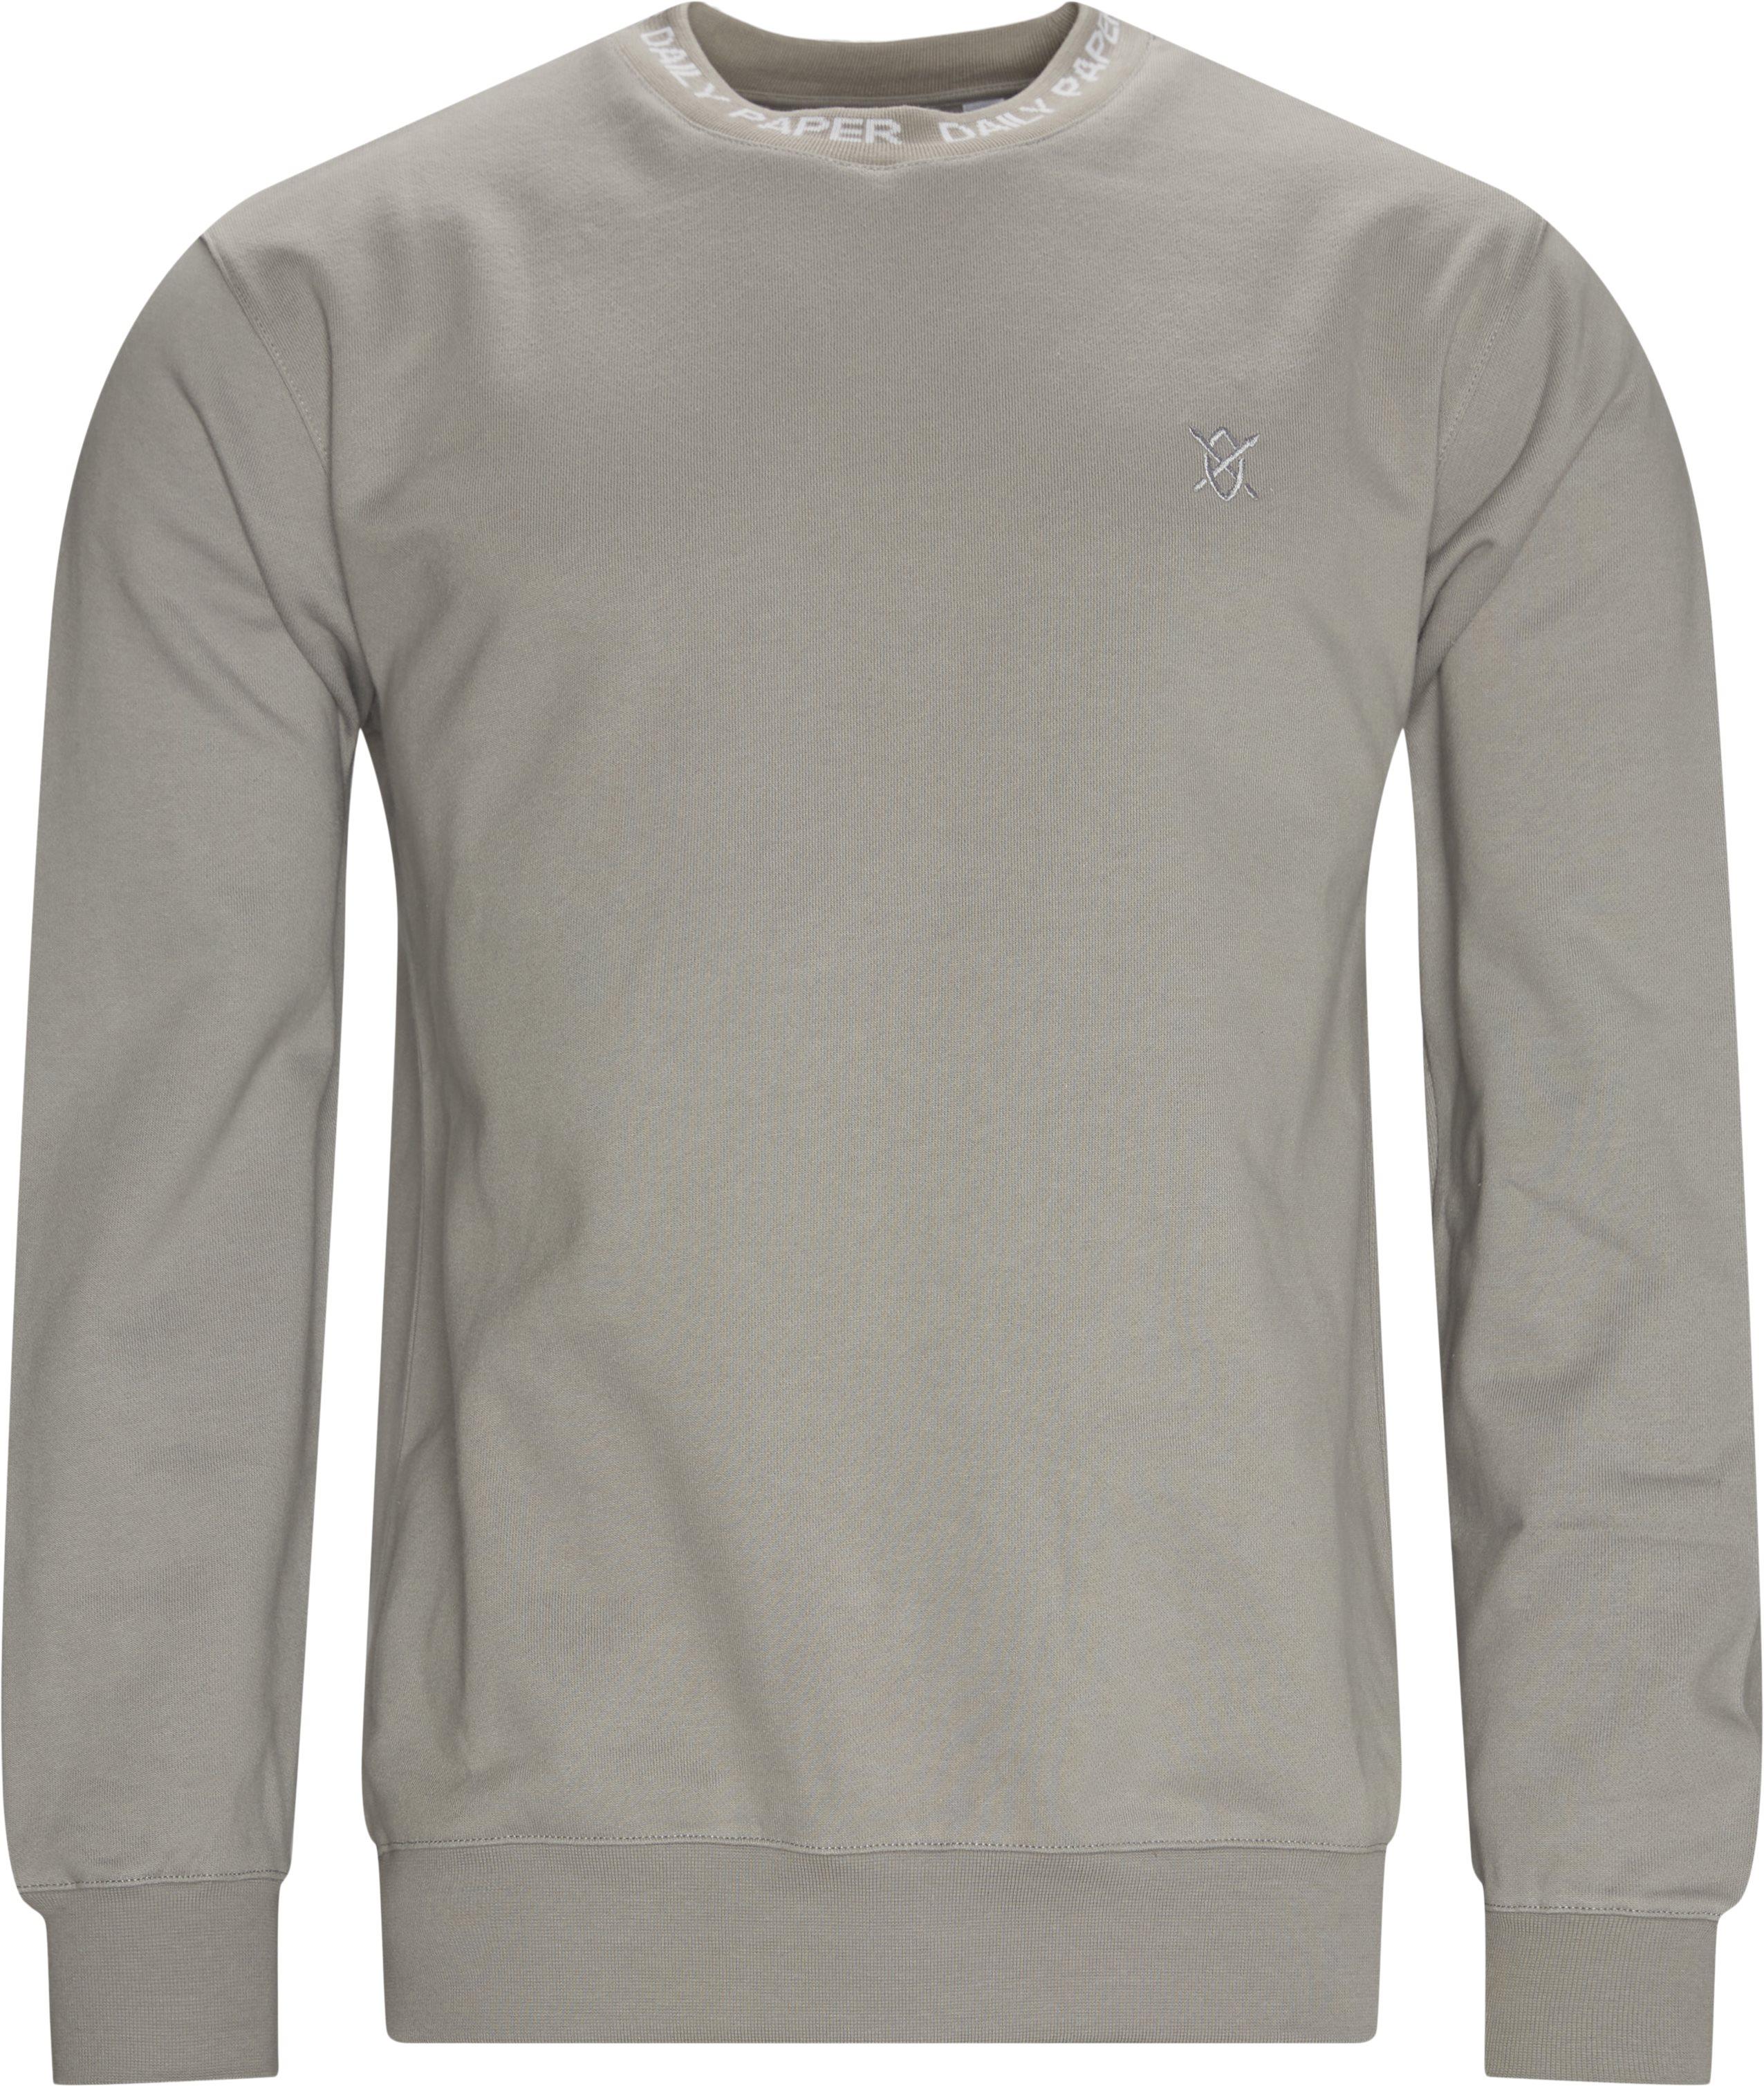 Sweatshirts - Grå